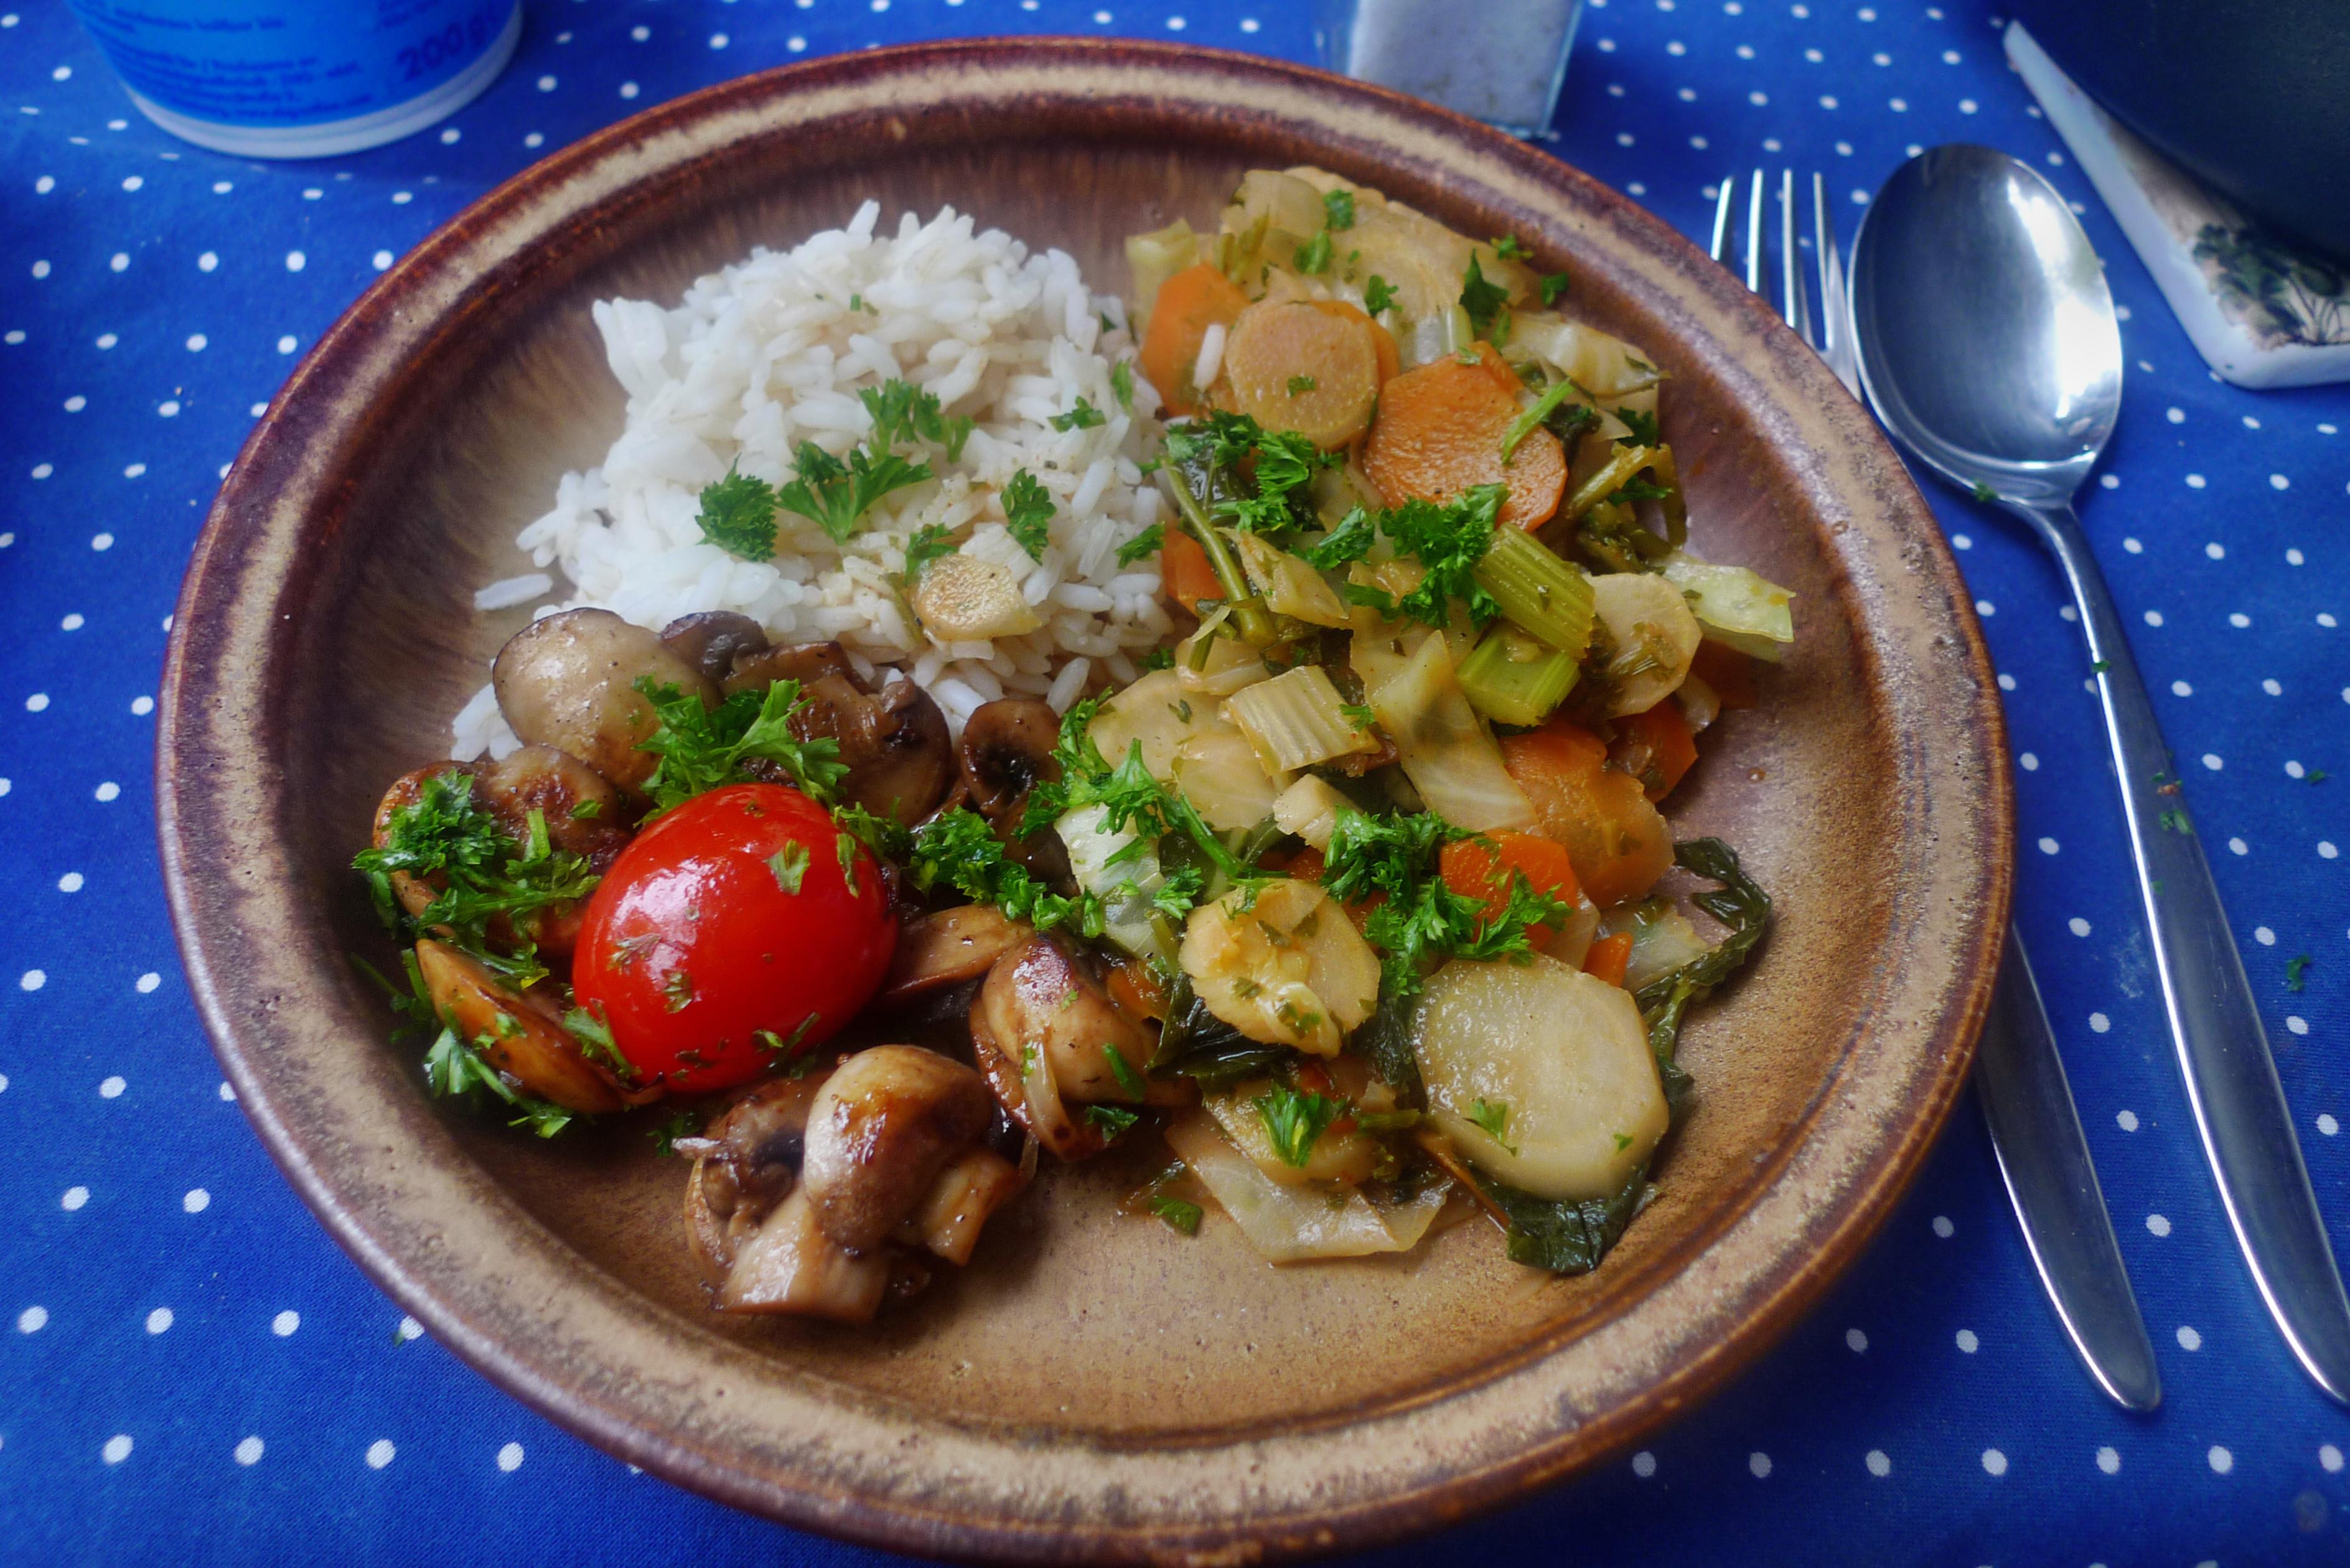 Gemüsepfanne-Reis-Champignon - 13.10.14   (18)